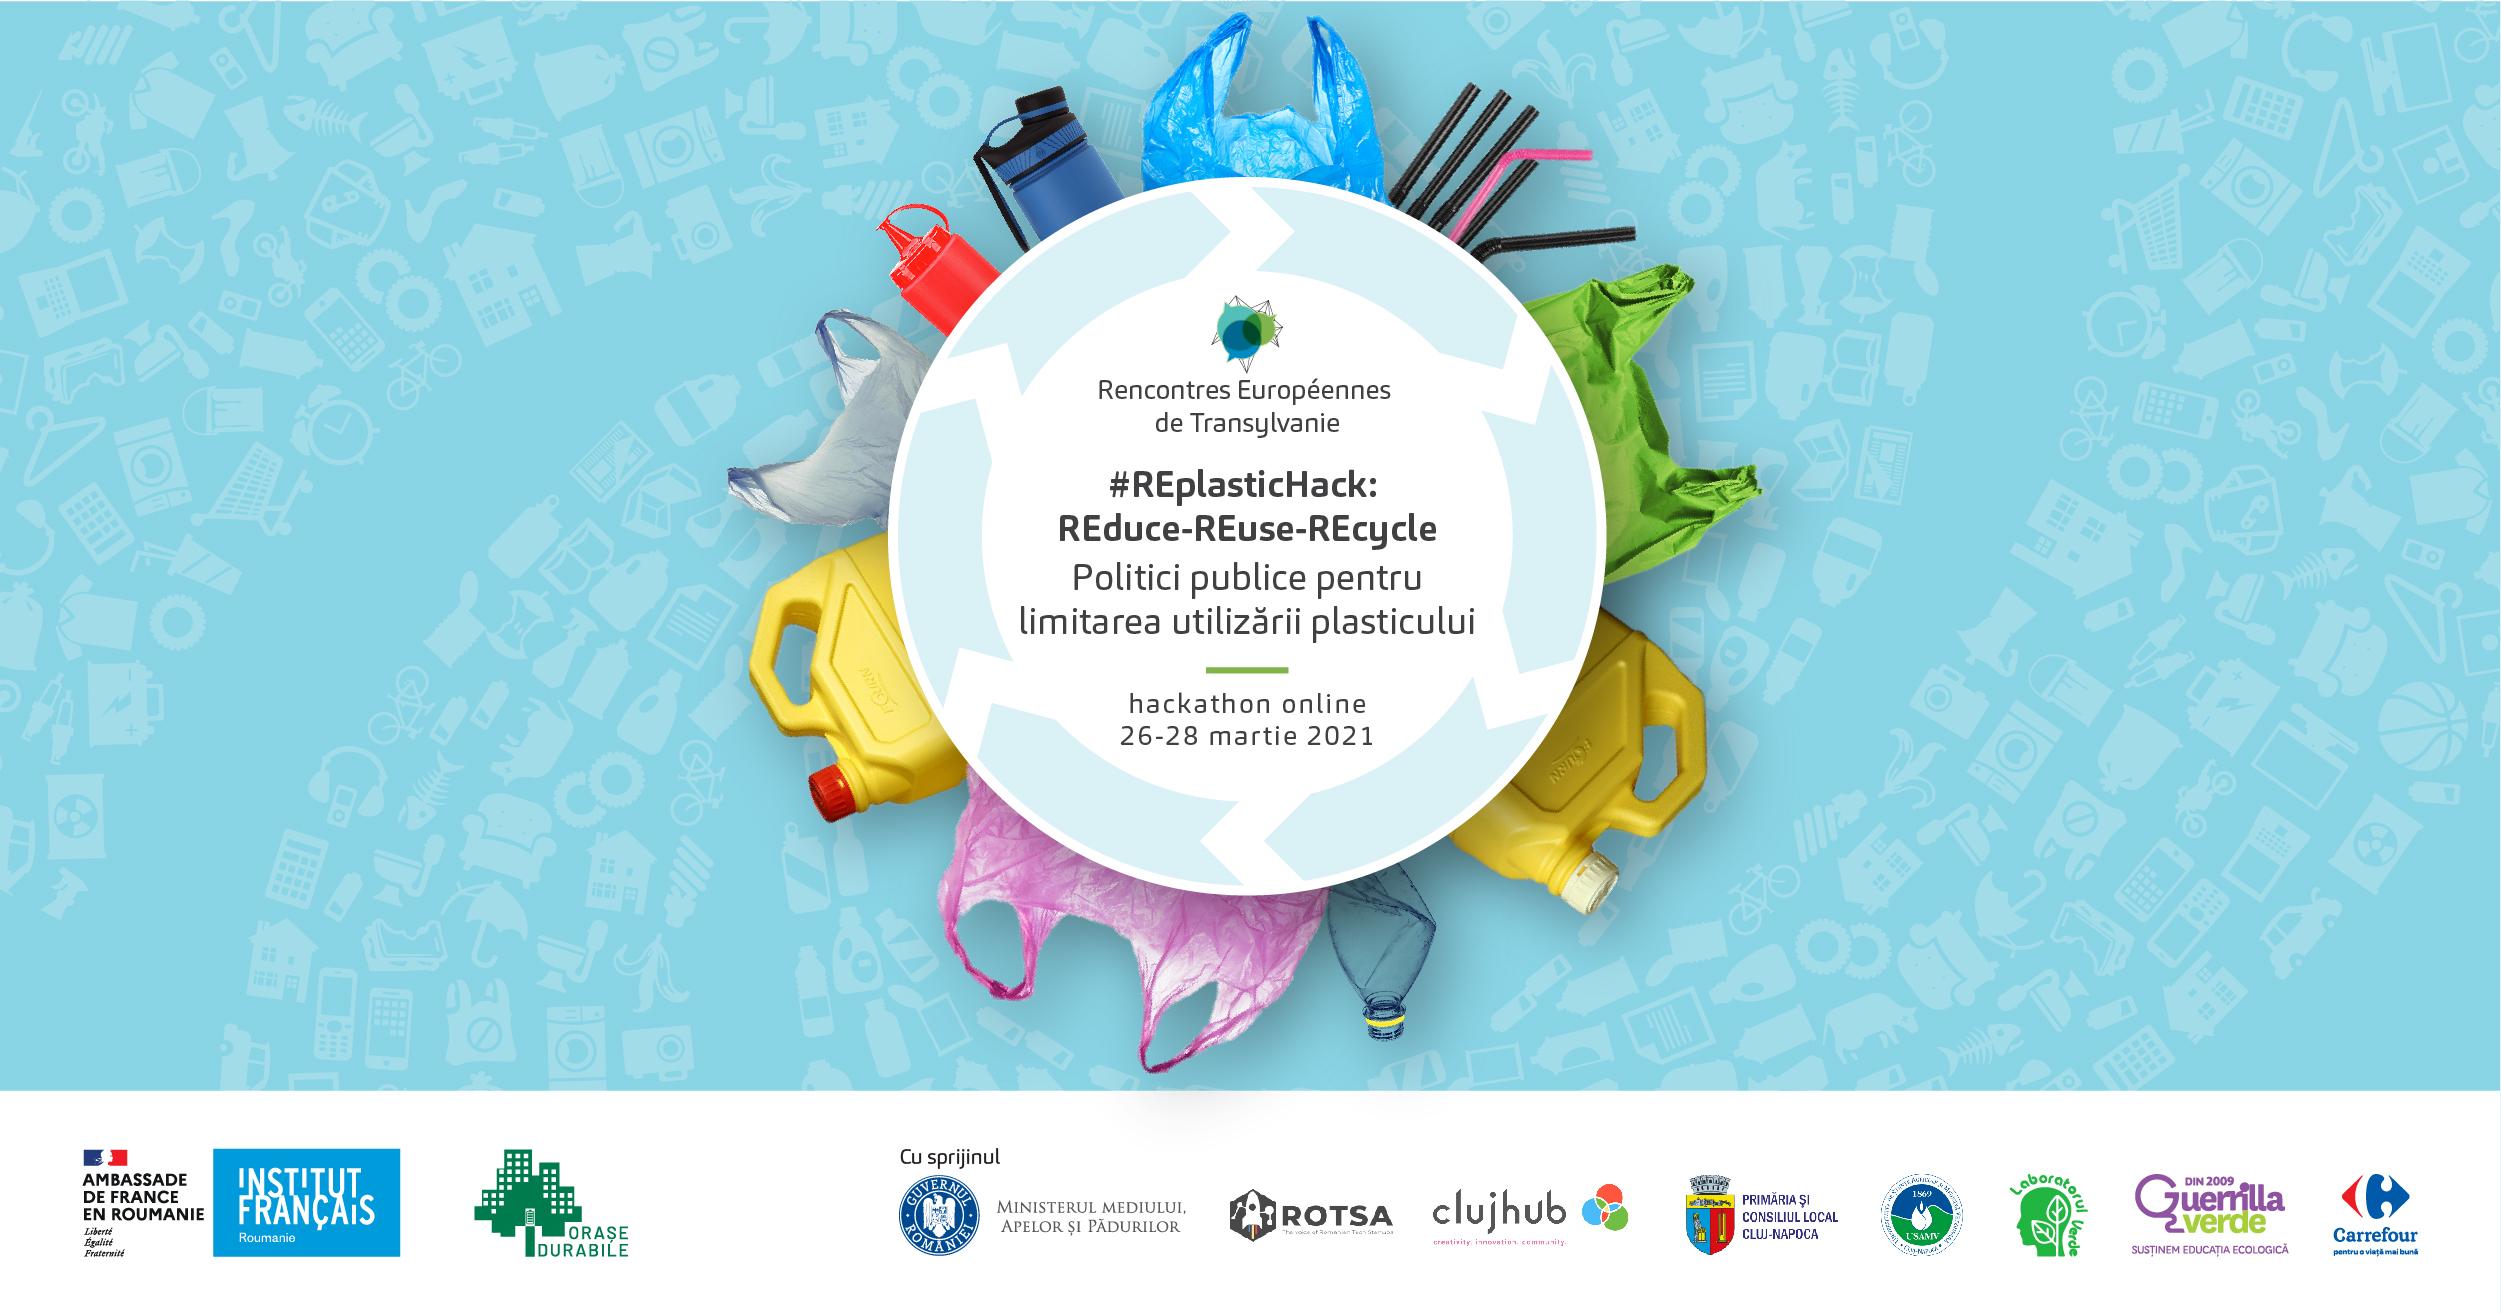 Hackathon online pentru reducerea utilizării plasticului, organizat de Ambasada  Franţei